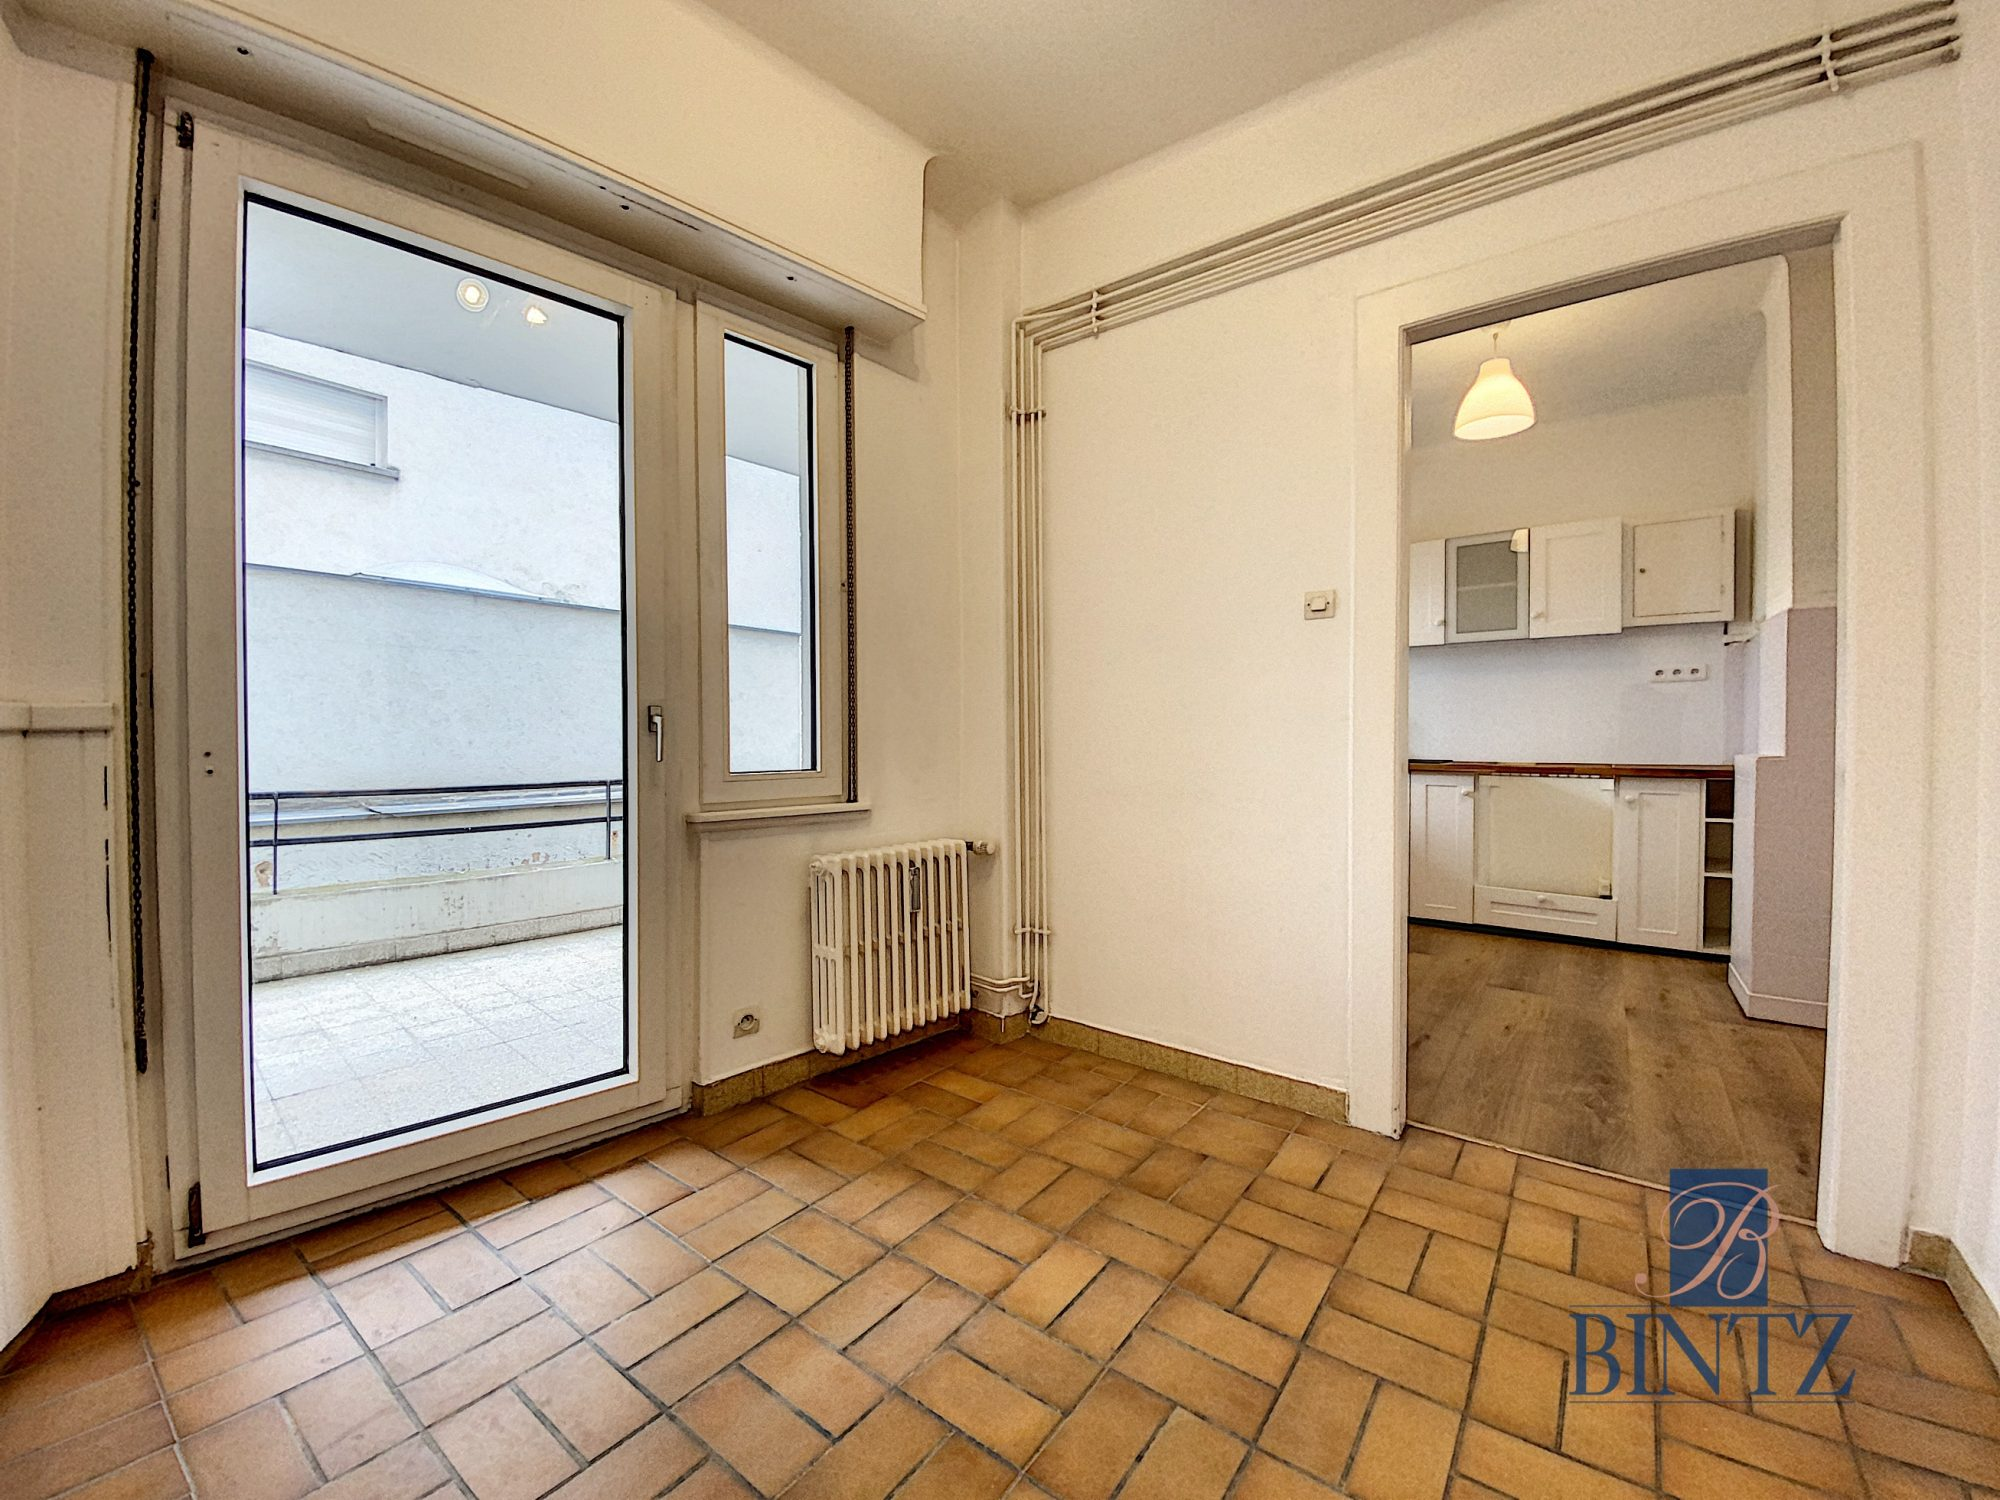 3P avec terrasse orangerie - Devenez locataire en toute sérénité - Bintz Immobilier - 7